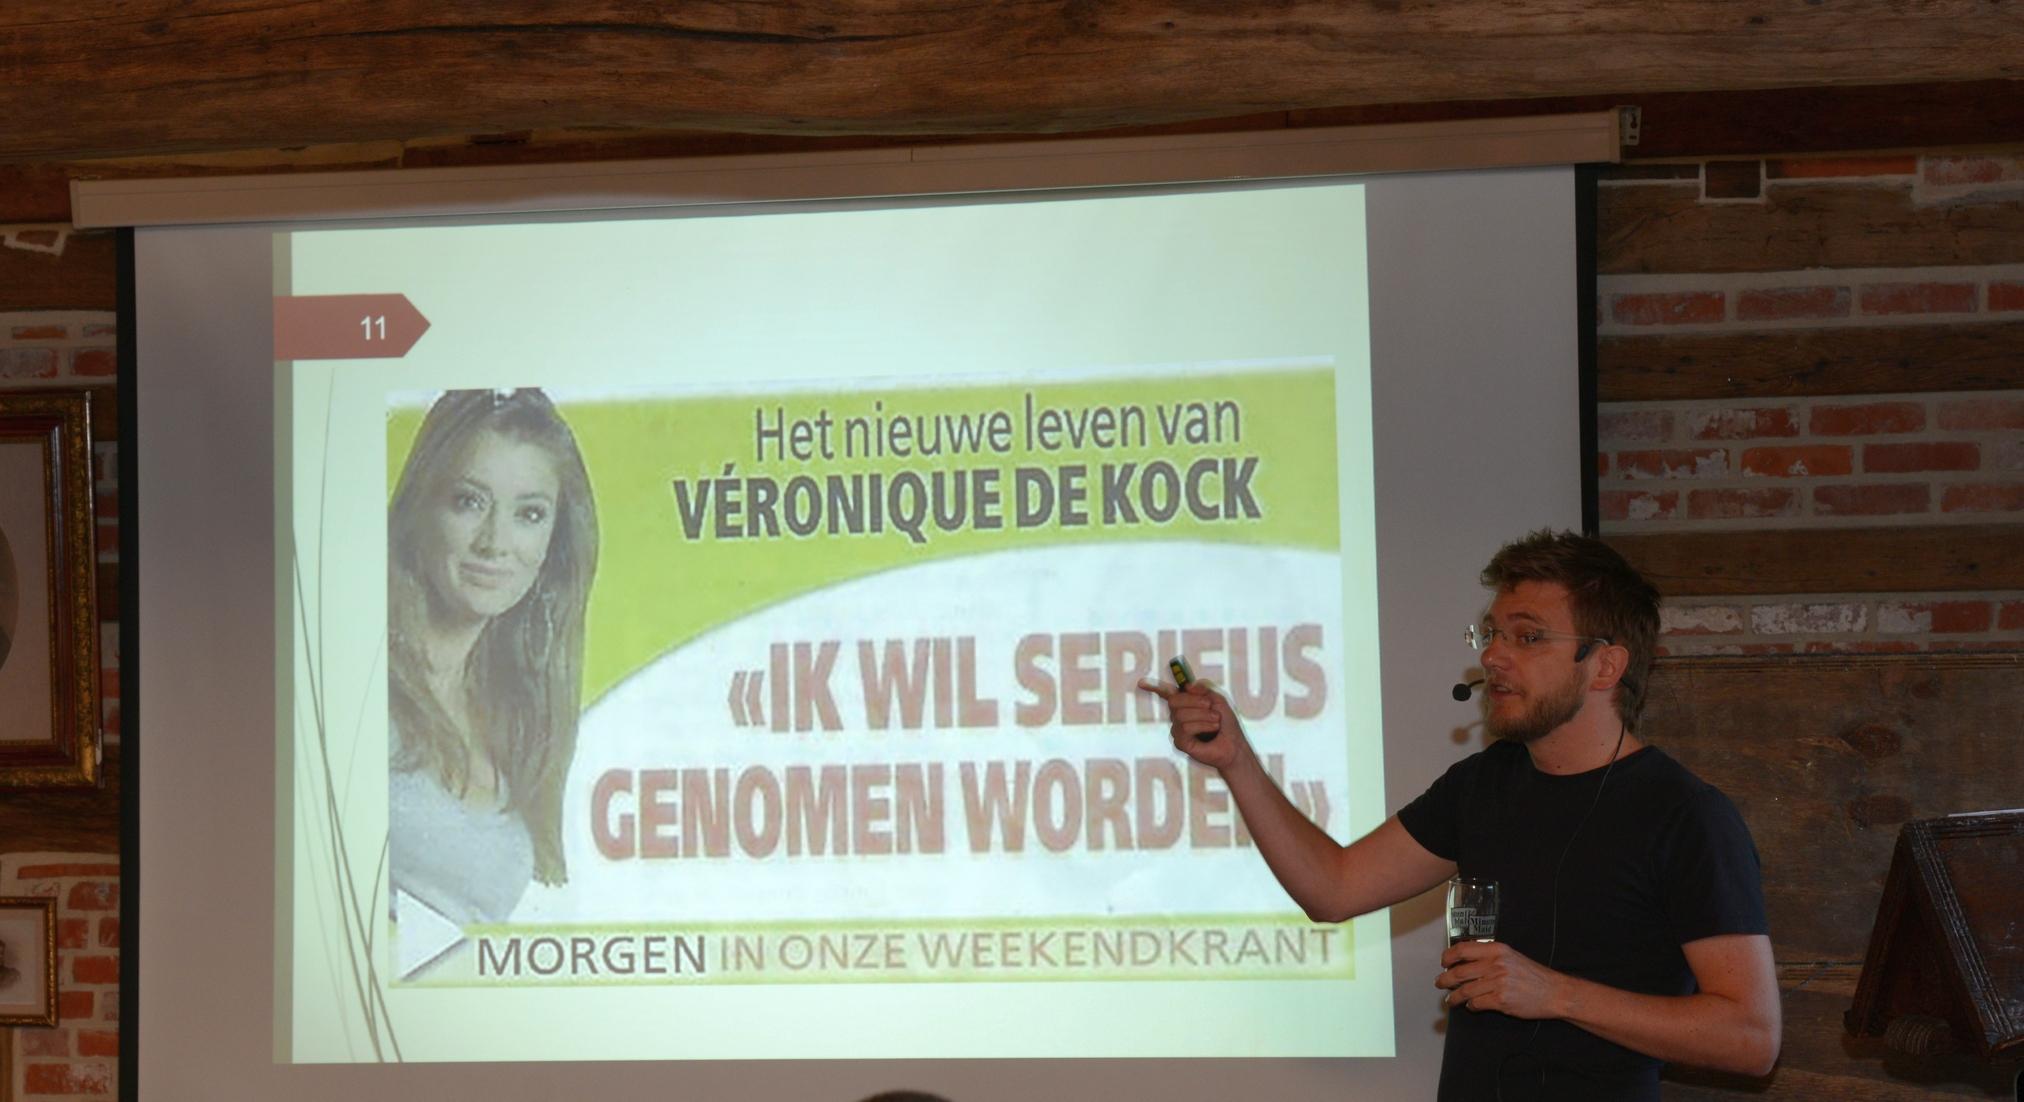 Brecht De Coene bij de voorstelling van zijn boek over complottheorieënBrecht De Coene bij de voorstelling van zijn boek over complottheorieën